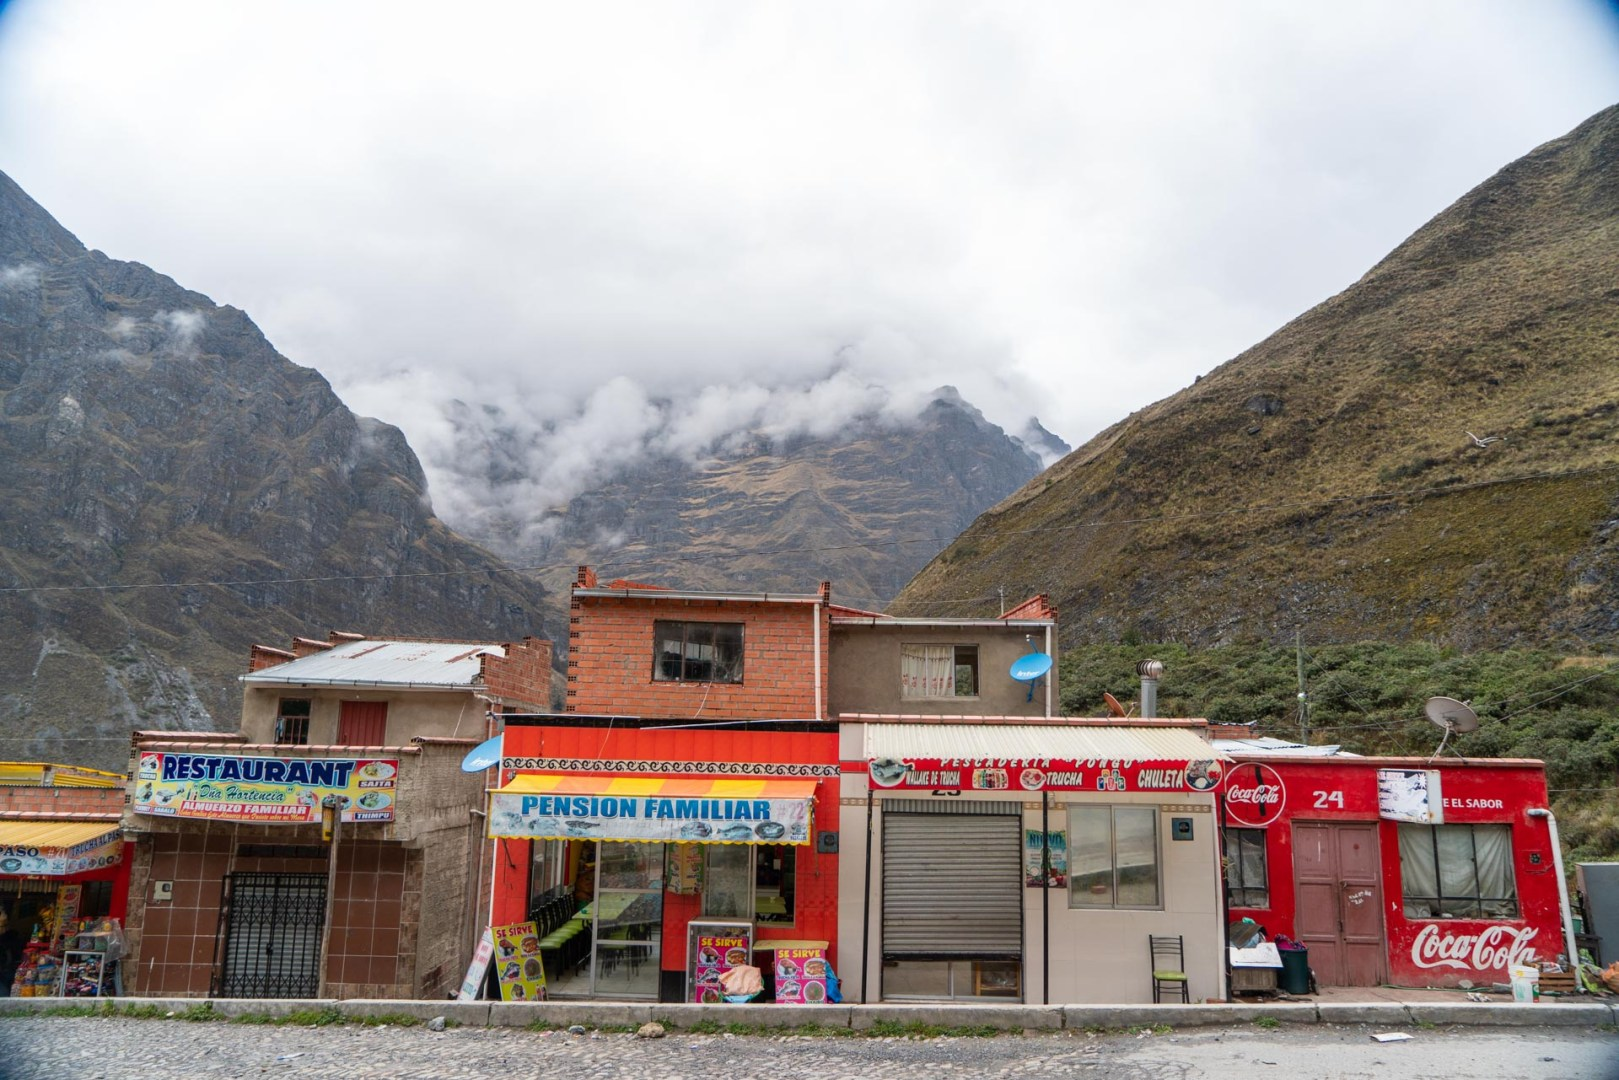 Des tiendas sur la route